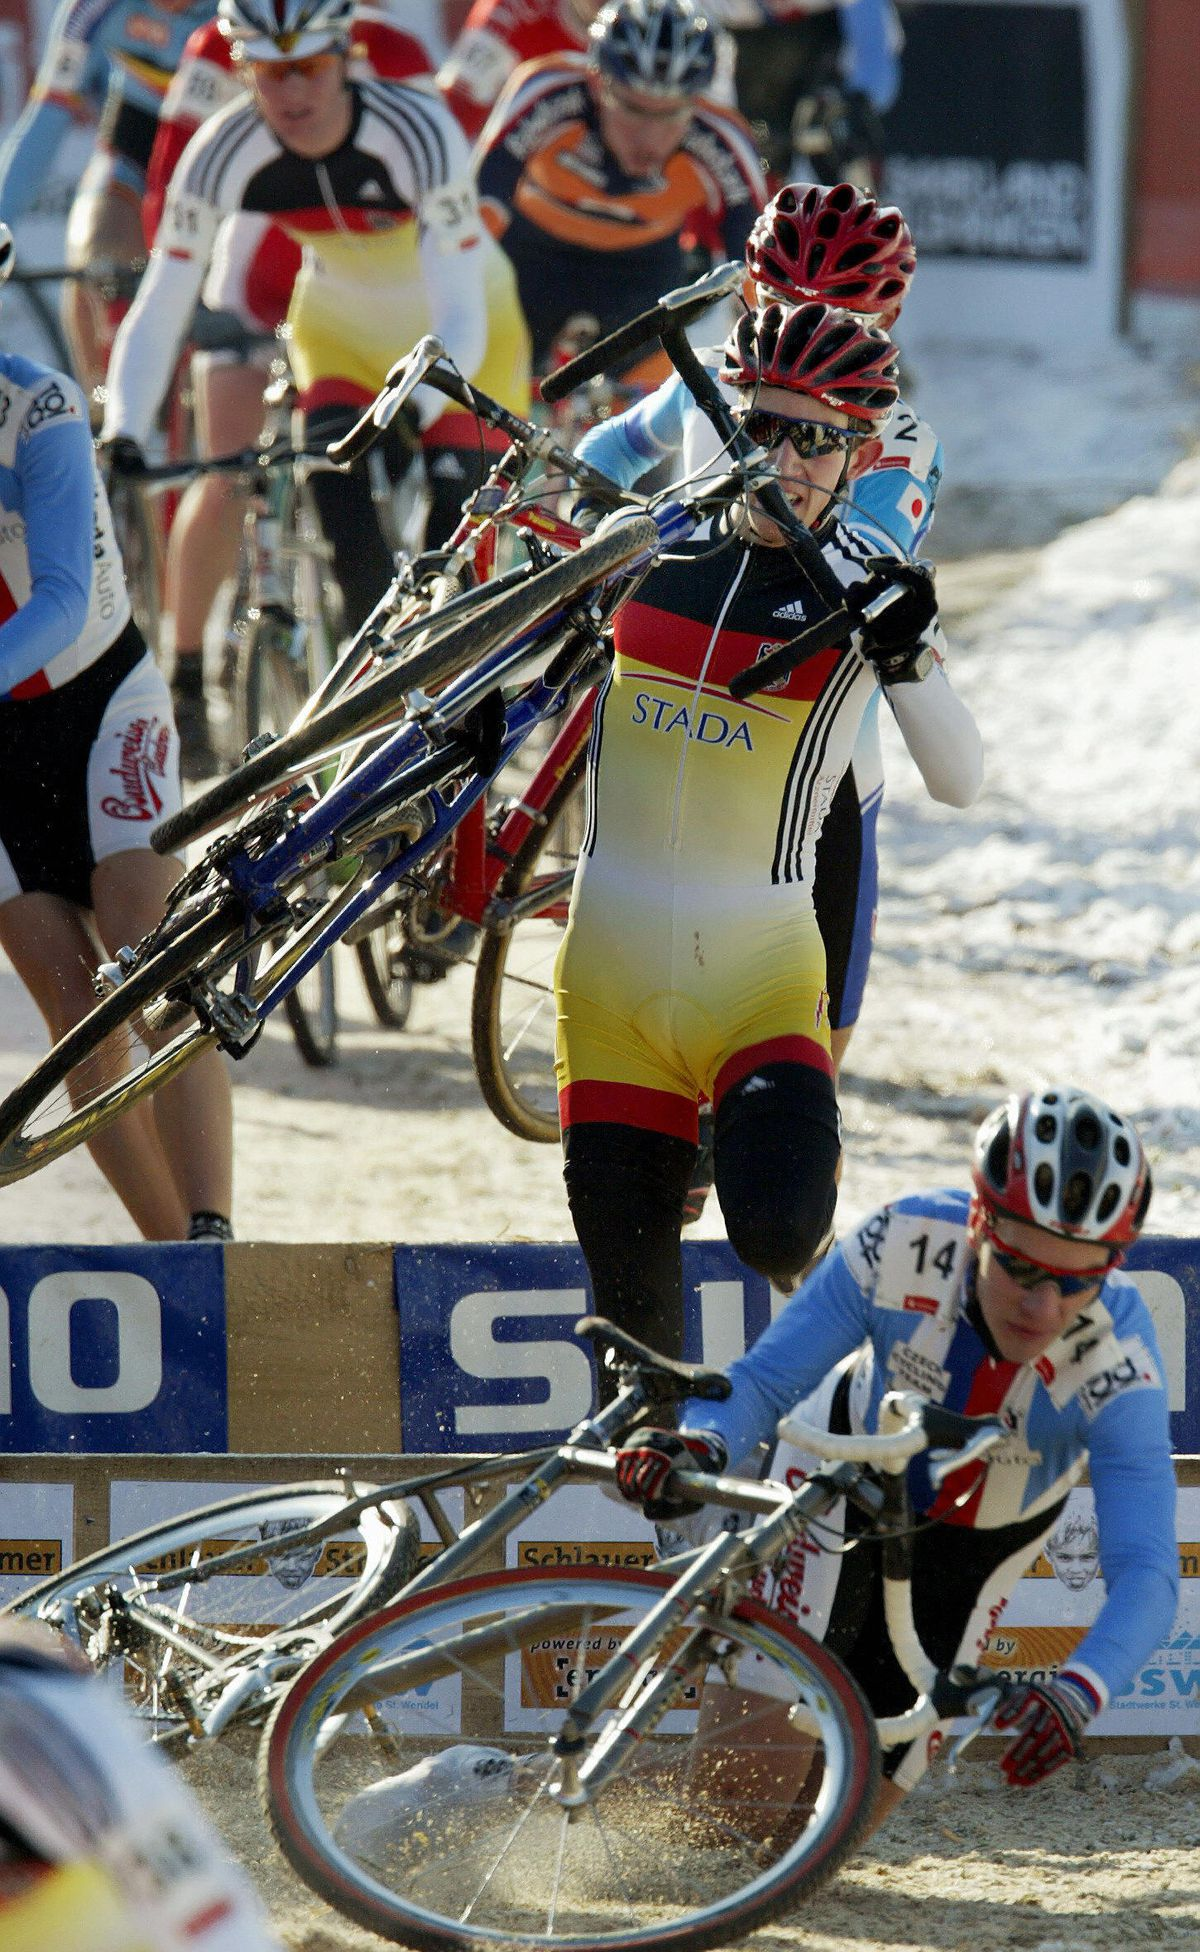 German Philipp Walsleben (C) jumps over